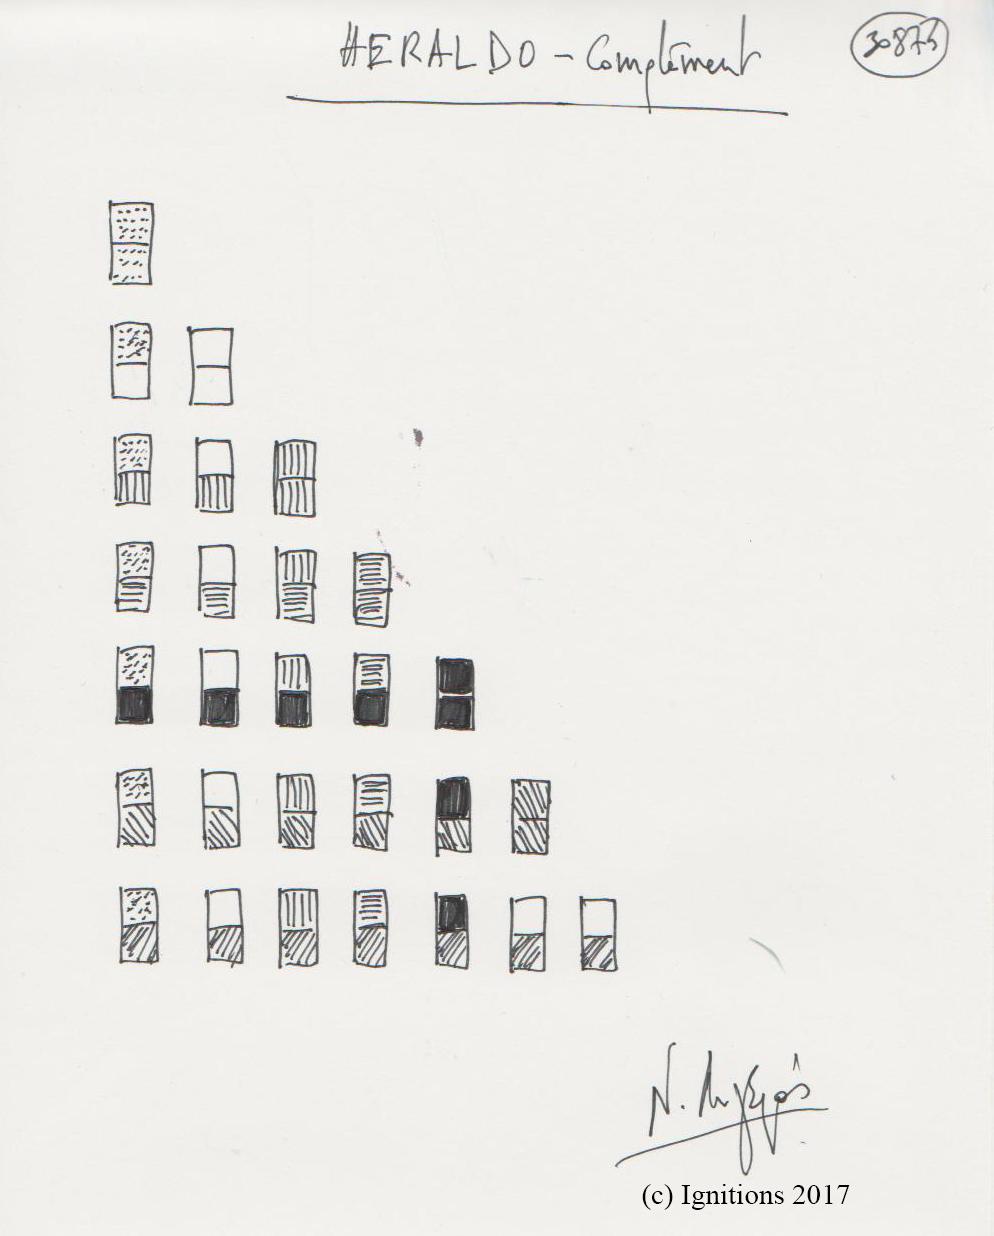 HERALDO - Complément. (Dessin sur cahier).